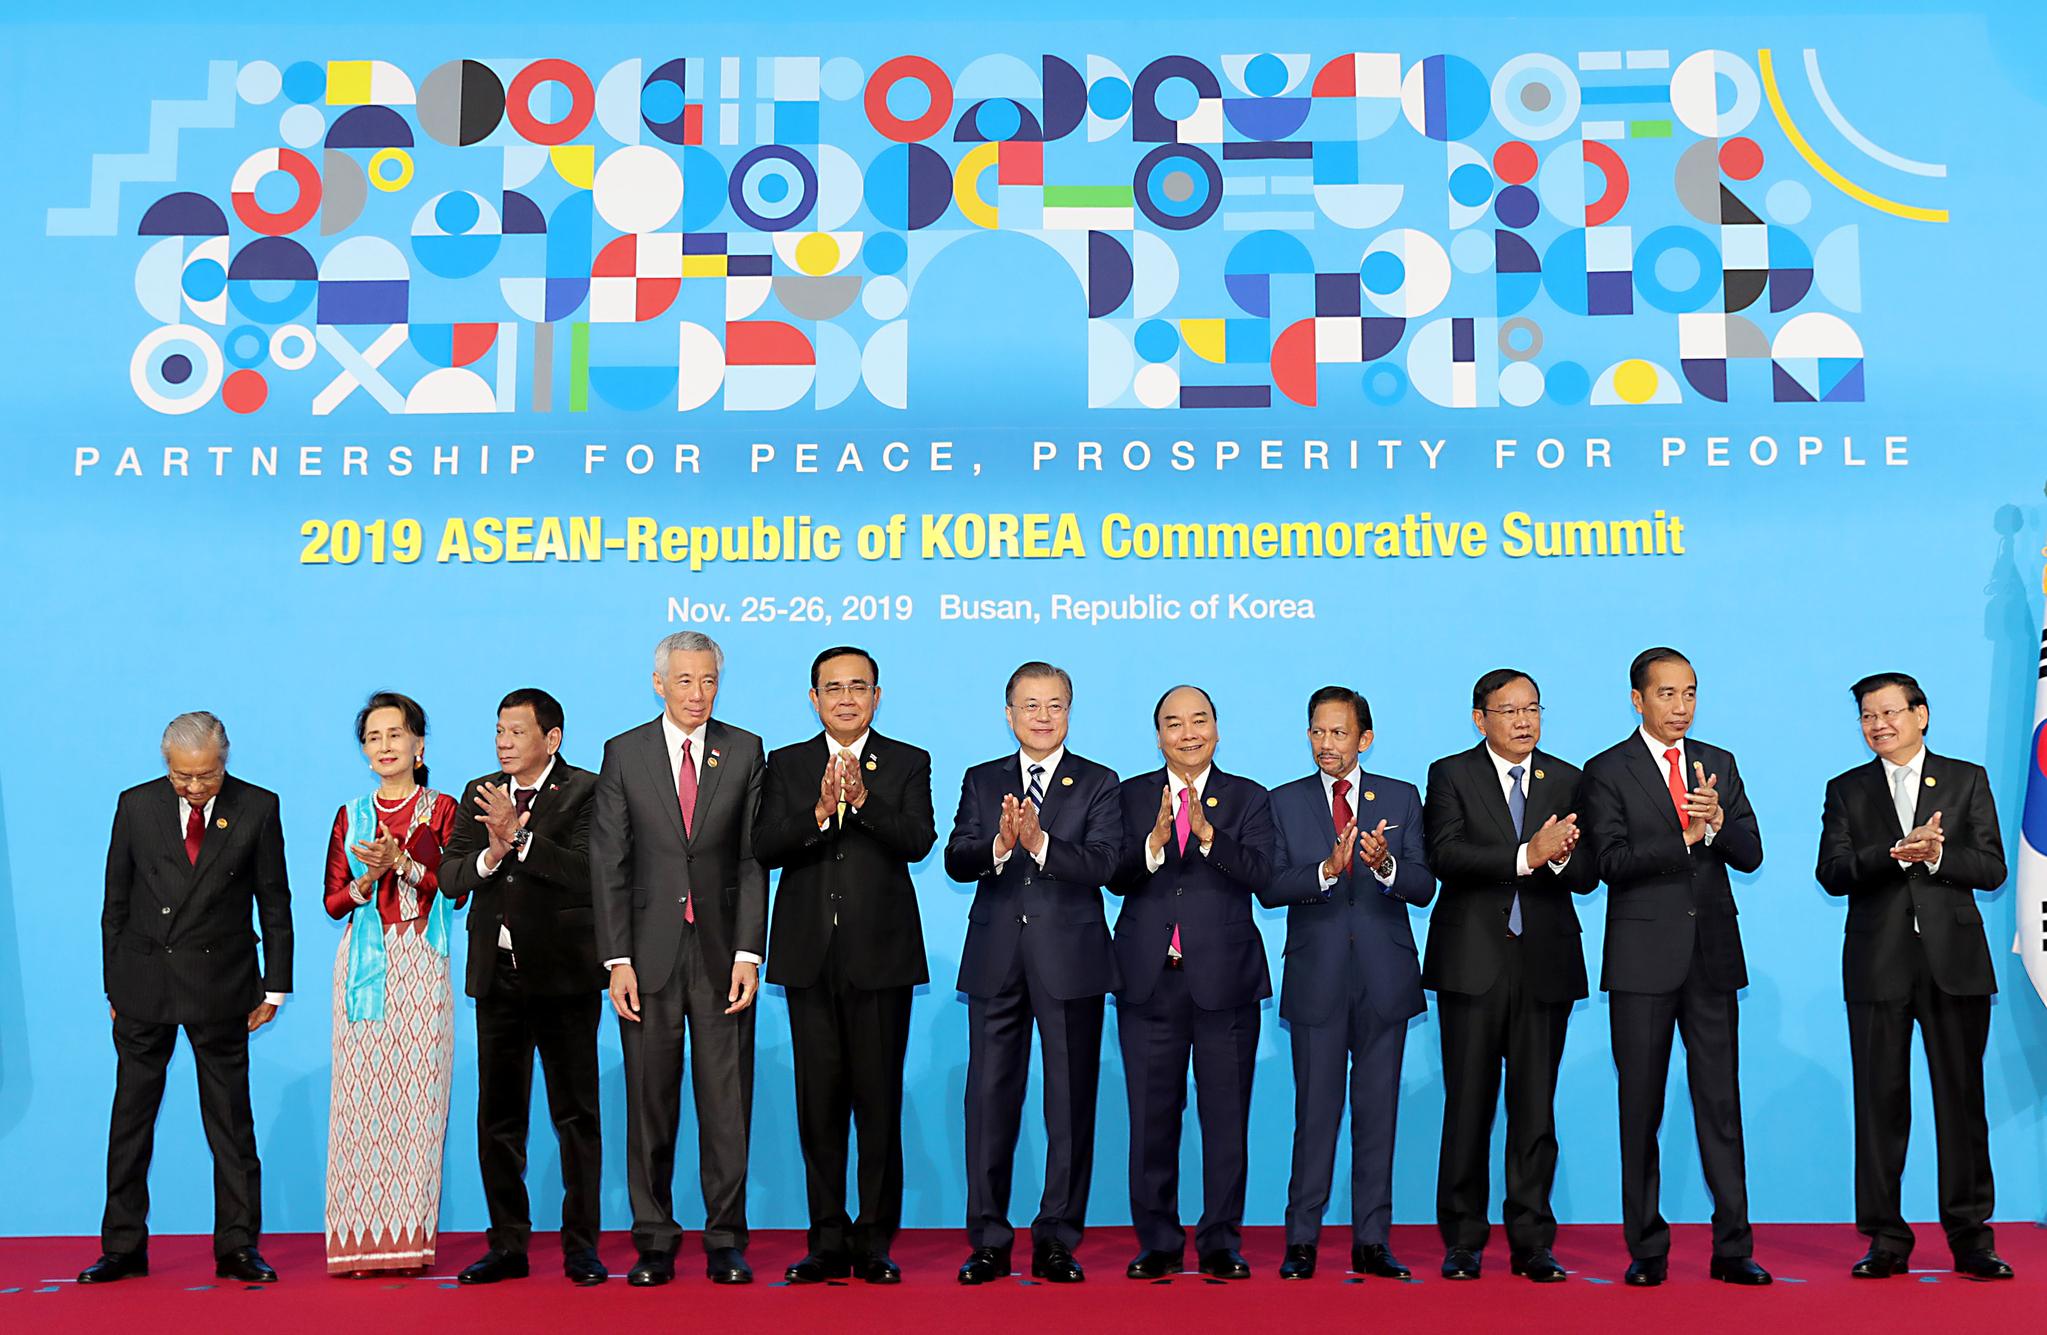 문재인 대통령이 11월 26일 오전 부산 벡스코에서 열린 2019 한-아세안 특별정상회의에서 참석자들과 기념촬영을 한 뒤 박수치고 있다. 왼쪽부터 마하티르 모하마드 말레이시아 총리, 아웅산 수치 미얀마 국가고문, 로드리고 두테르테 필리핀 대통령, 리센룽 싱가포르 총리, 쁘라윳 짠오차 태국 총리, 문 대통령, 응우옌 쑤언 푹 베트남 총리, 하사날 볼키아 브루나이 국왕, 쁘락 소콘 캄보디아 부총리 겸 외교부 장관, 조코 위도도 인도네시아 대통령, 통룬 시술릿 라오스 총리. [사진 2019 한-아세안 특별정상회의]